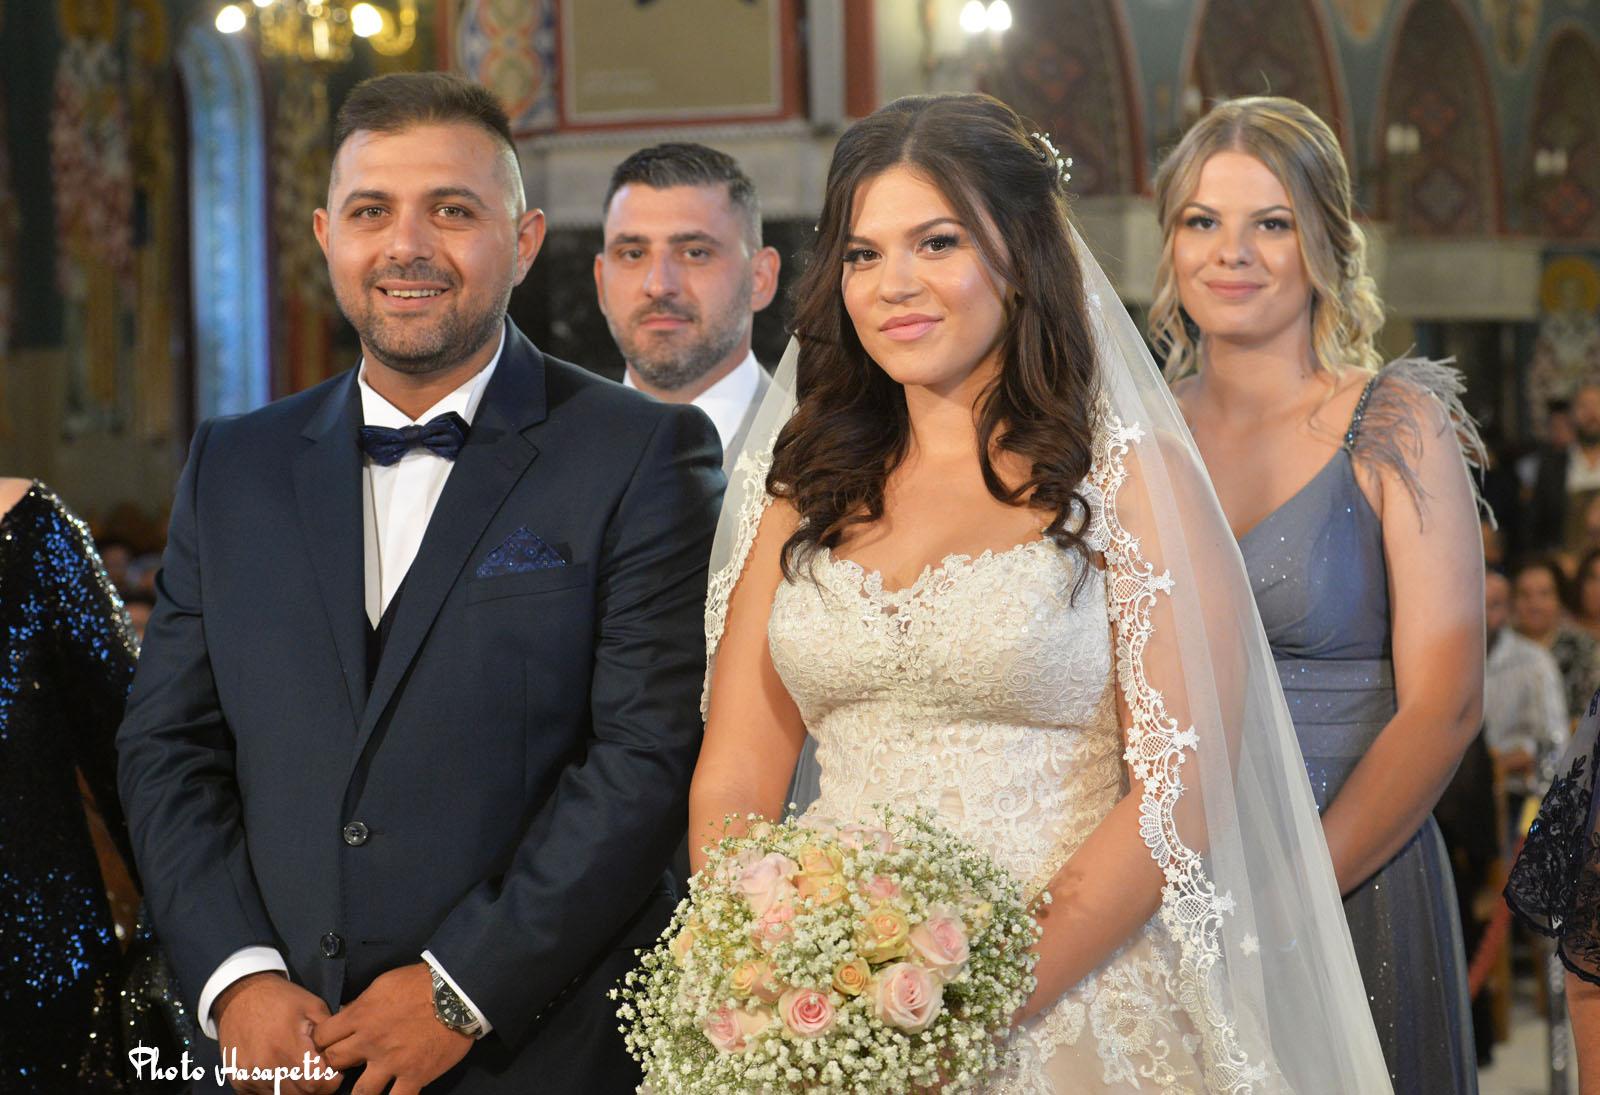 Ο υπέροχος γάμος του Πόλυ και της Φαίδρας!